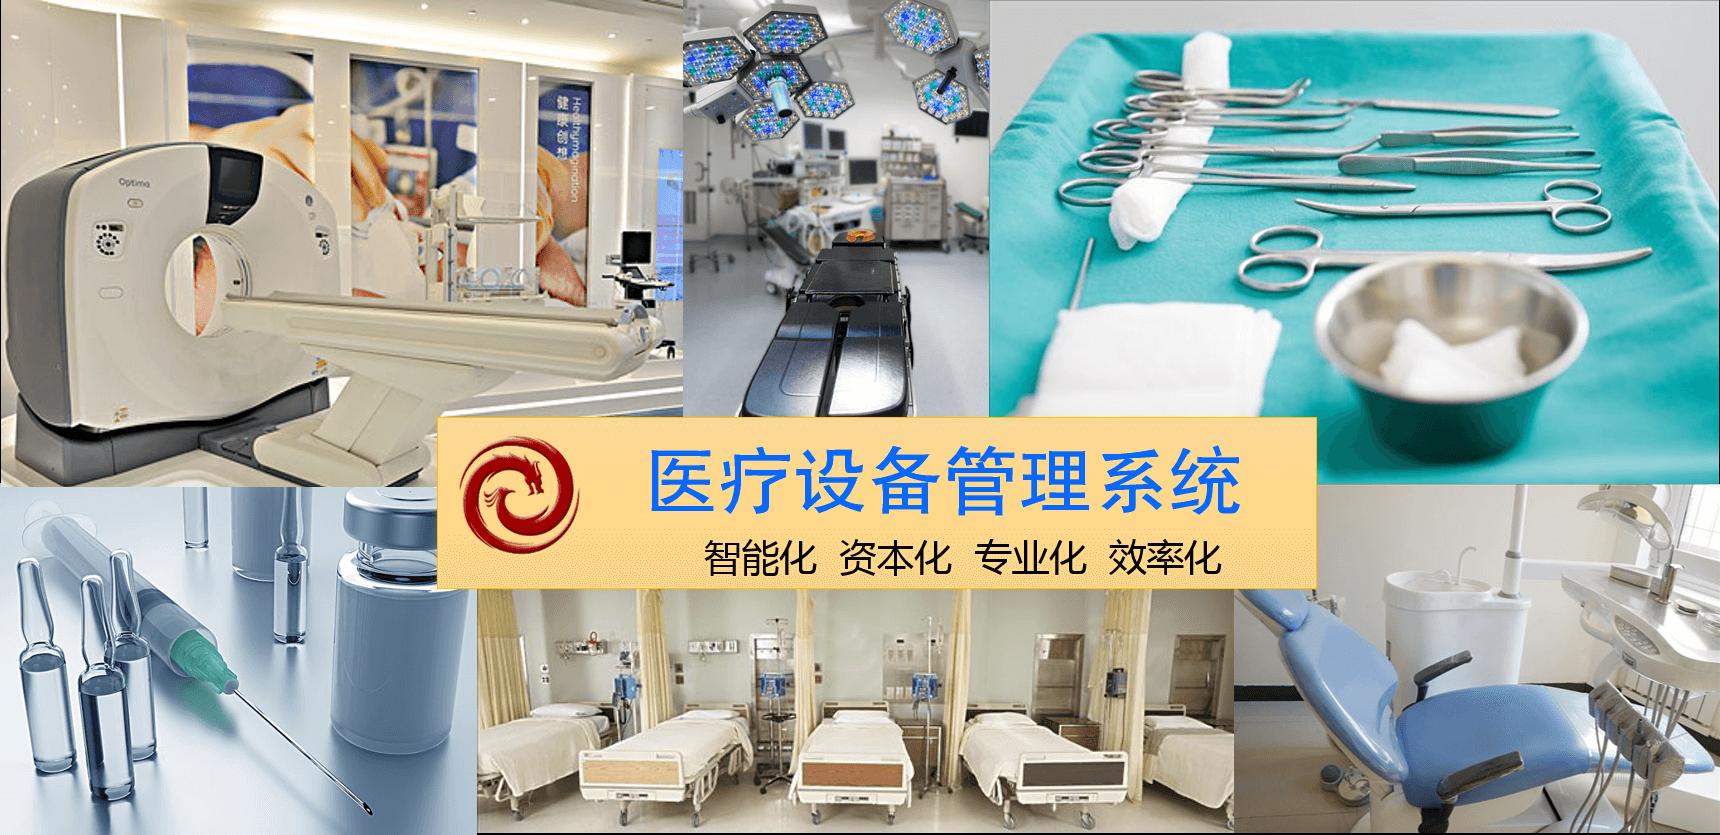 医疗设备管理系统应用